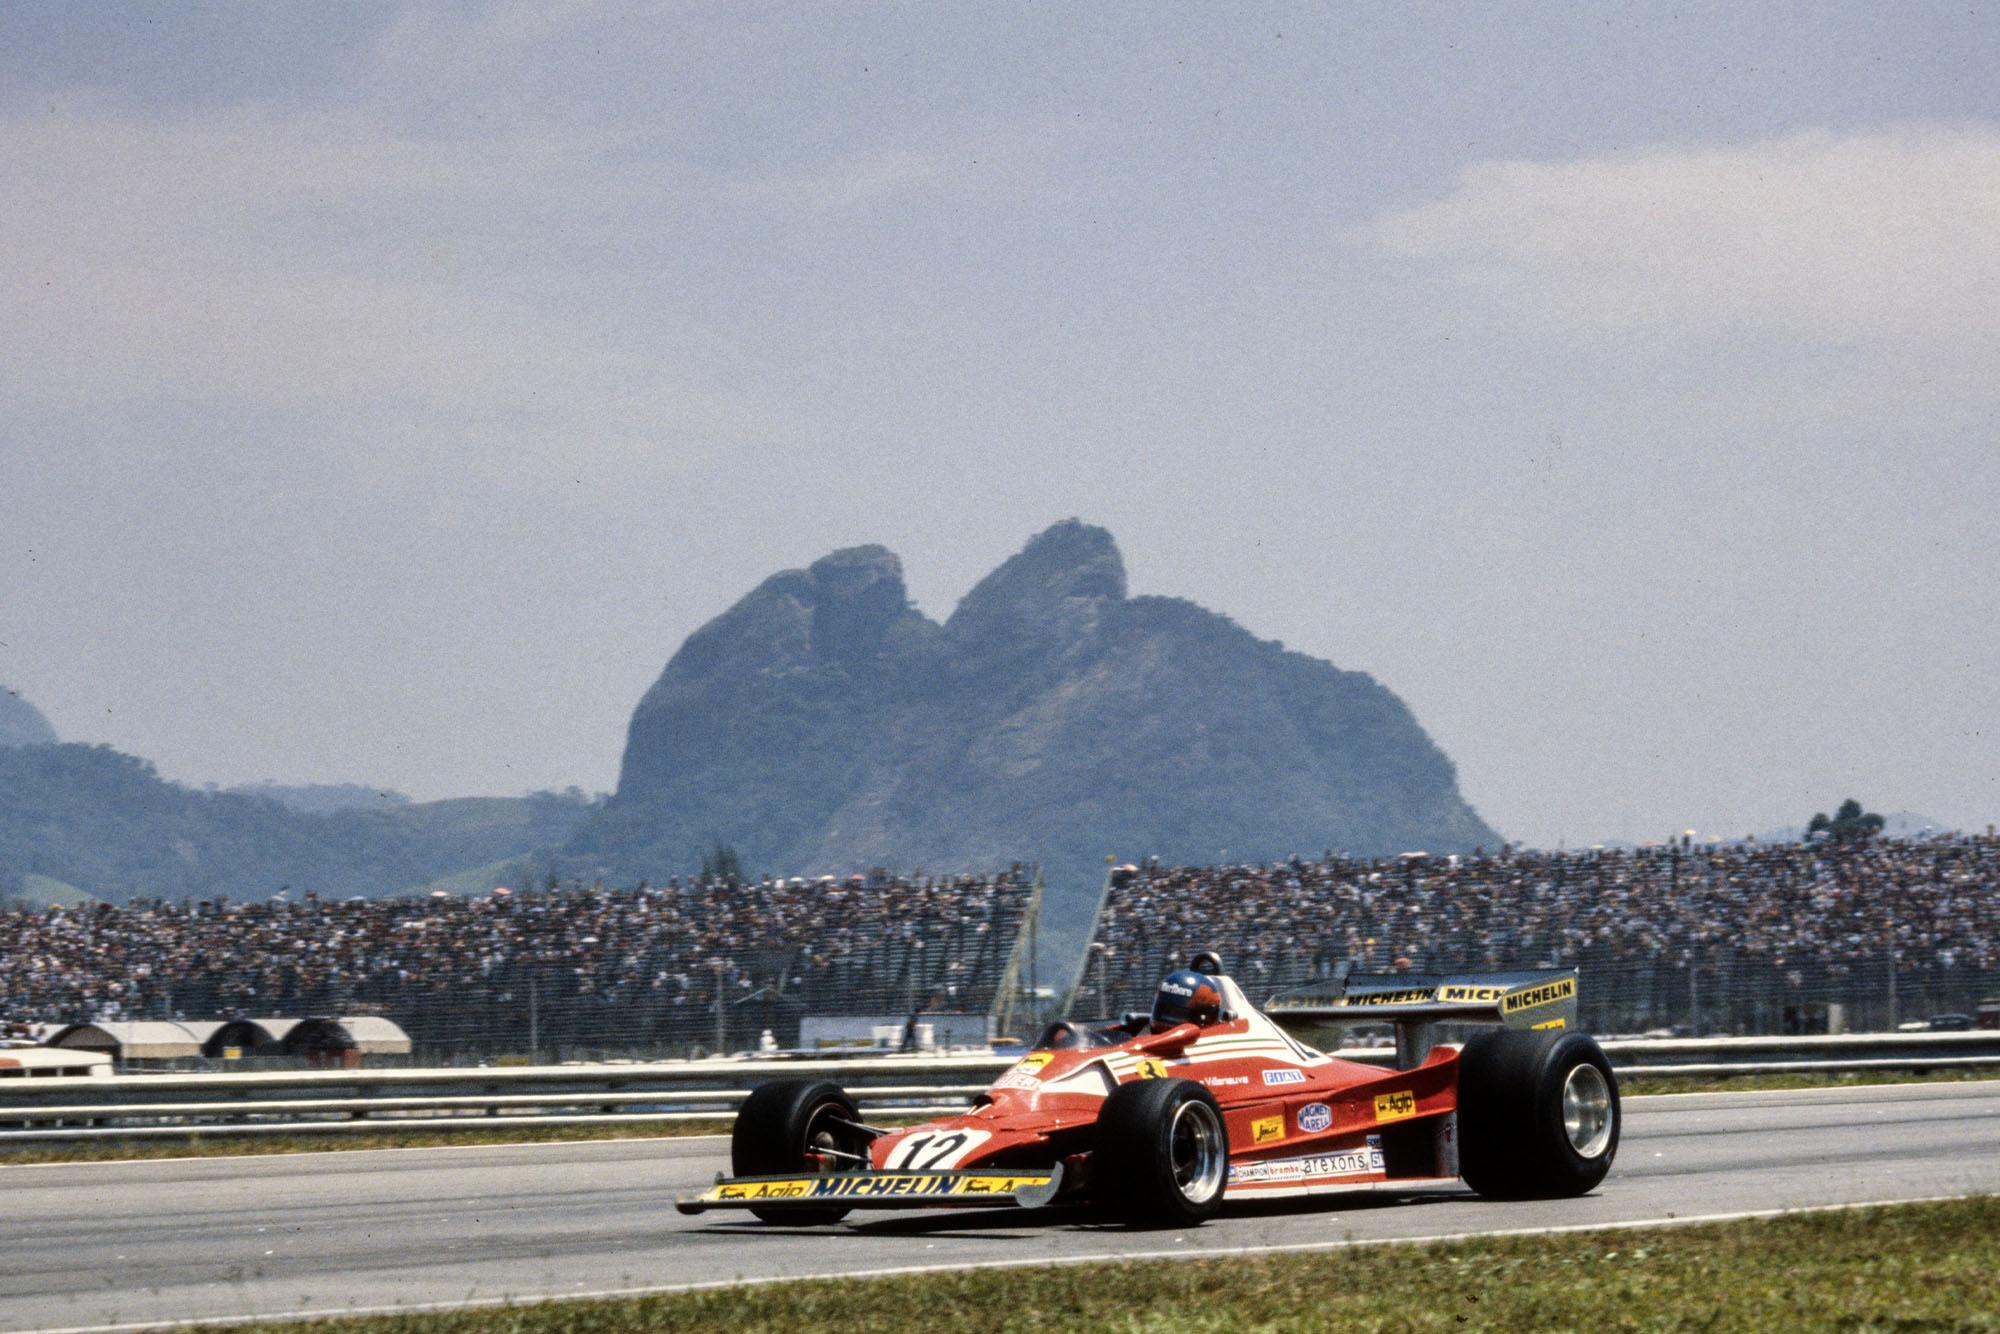 Gilles Villeneuve (Ferrari), 1978 Brazilian Grand Prix, Jacarepagua.